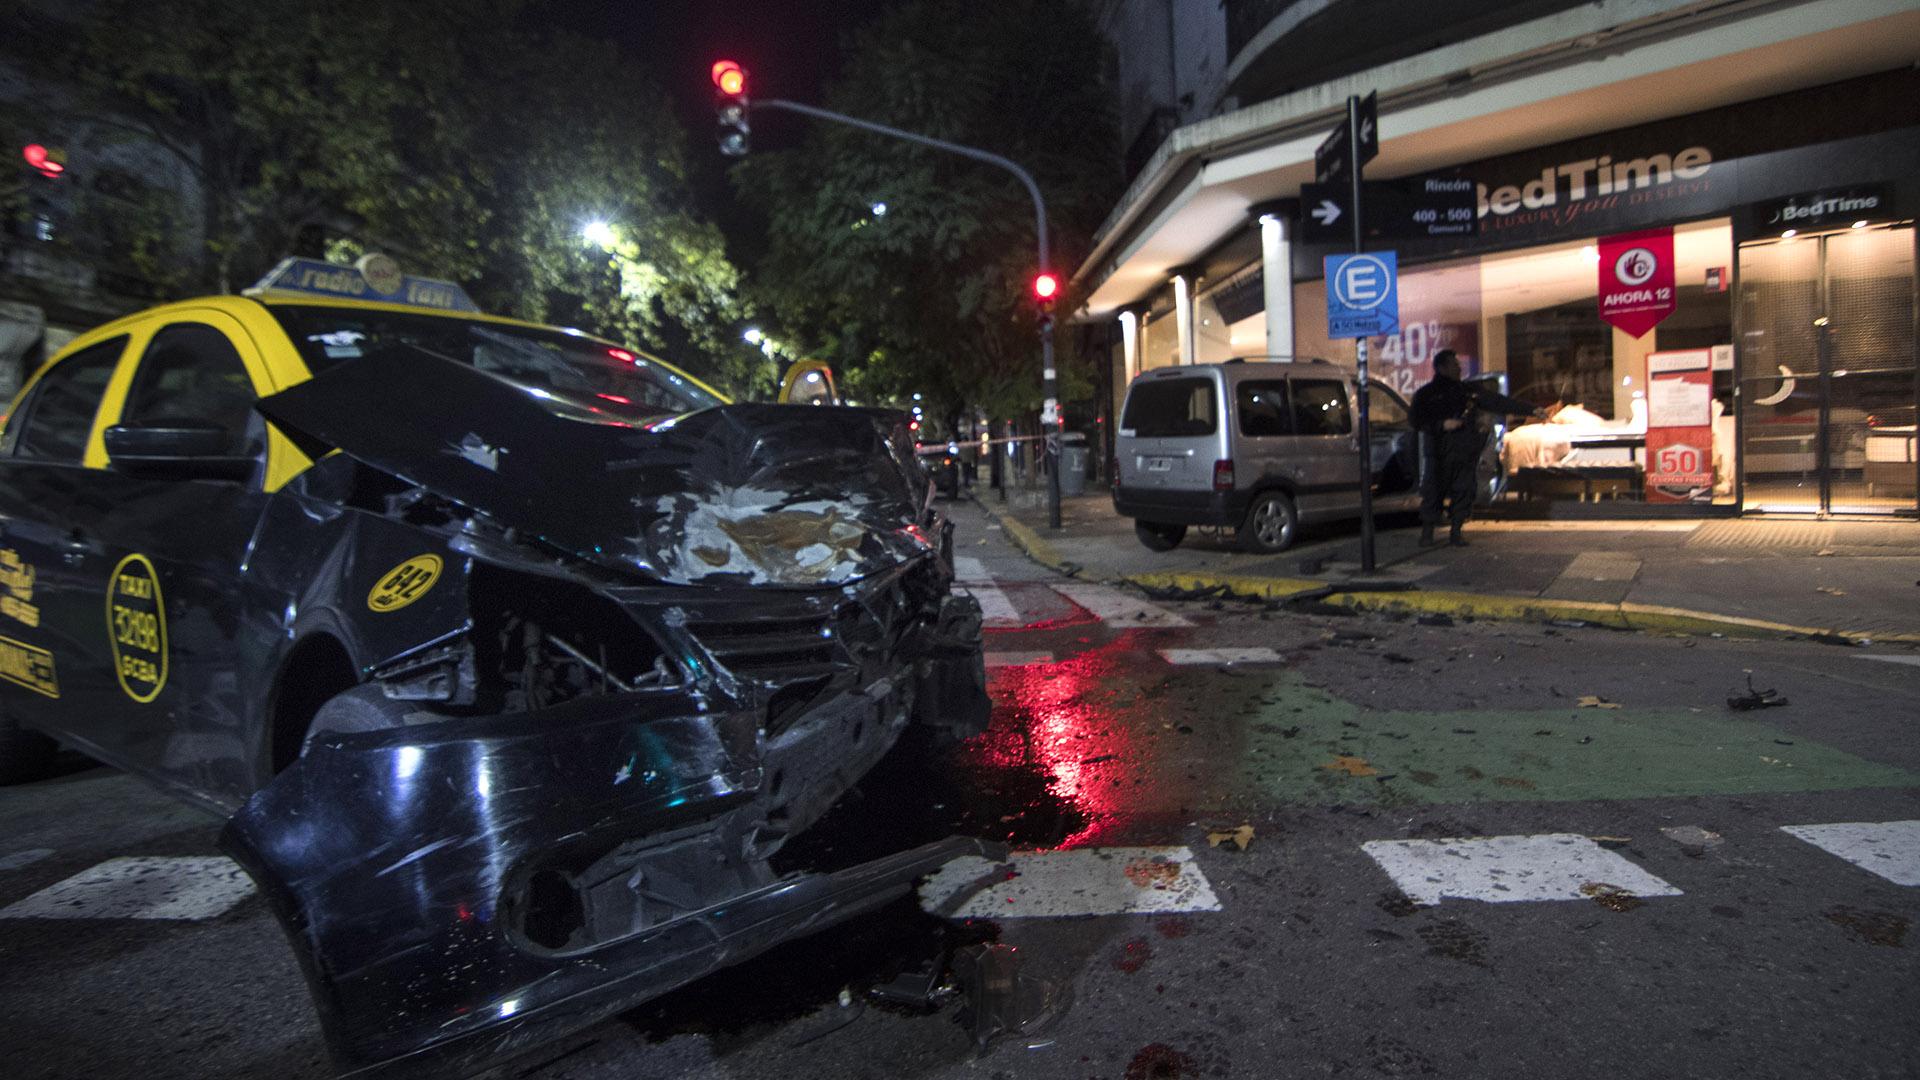 El barrio porteño de Balvanera amaneció con un violento accidente de tránsito. Cinco personas resultaron heridas a raíz del choque entre un taxi y una camioneta, que terminó incrustada en el frente de un negocio